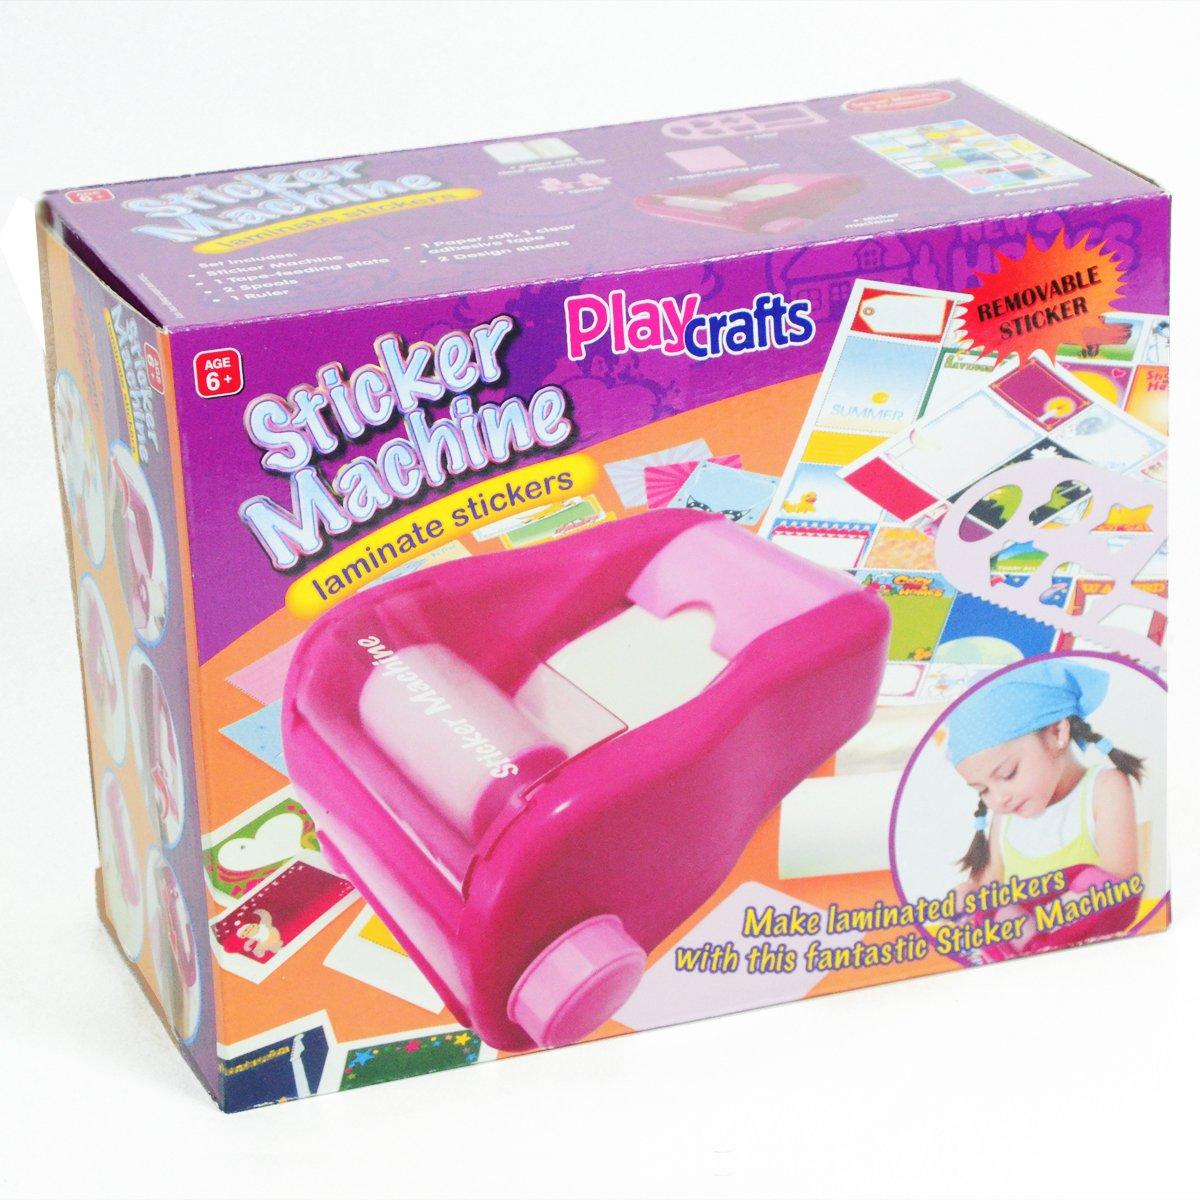 Playcrafts Sticker Maker Machine